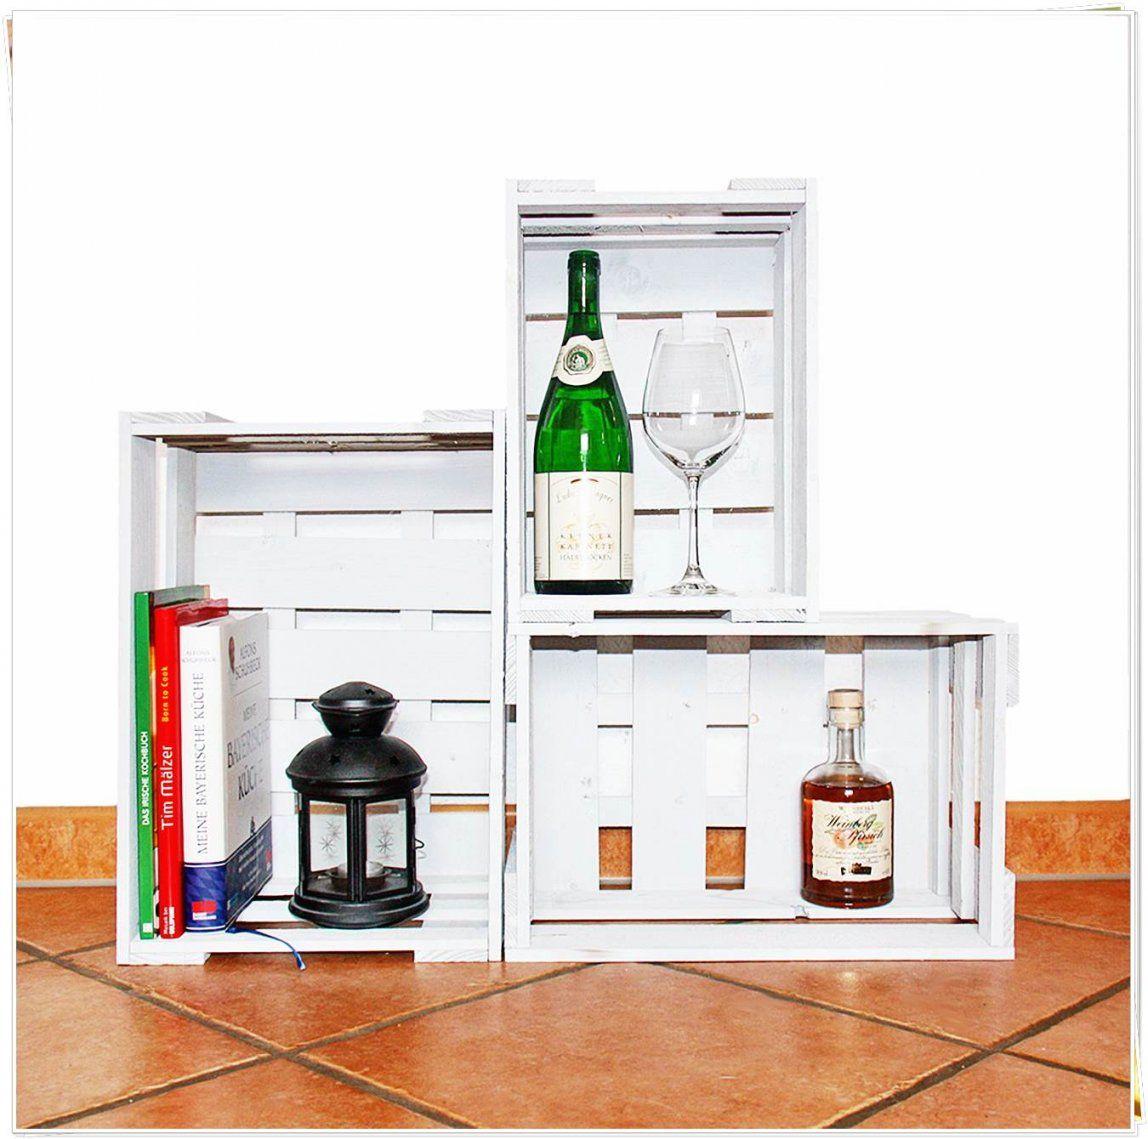 Weinregal Aus Weinkisten Bauen  Home Referenz von Weinregal Aus Weinkisten Bauen Photo